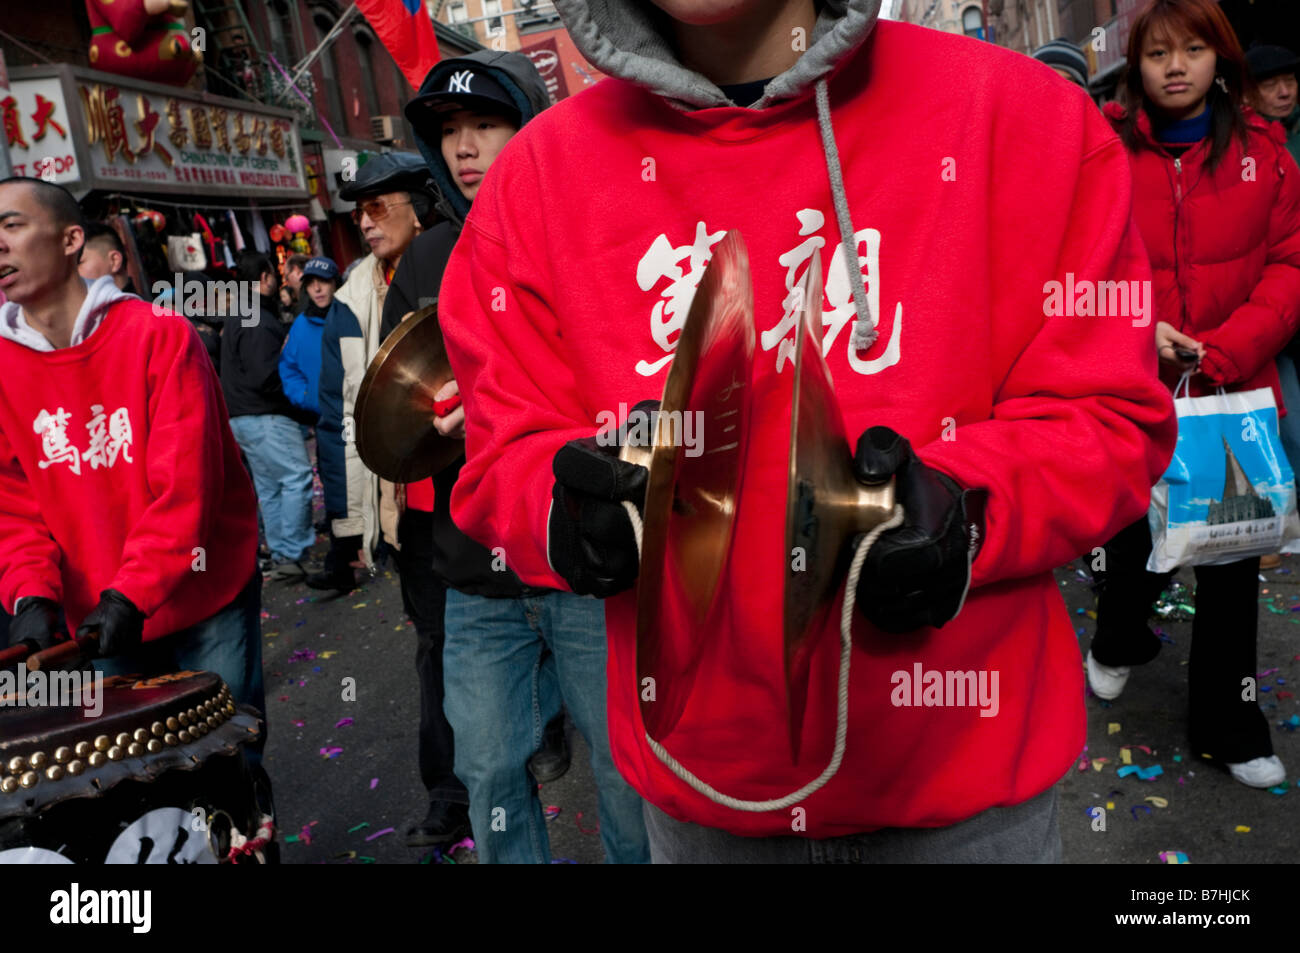 New York NY 26 gennaio 2009 Chinatown marchi comunitari il nuovo anno lunare con processioni attraverso Chinatown Immagini Stock